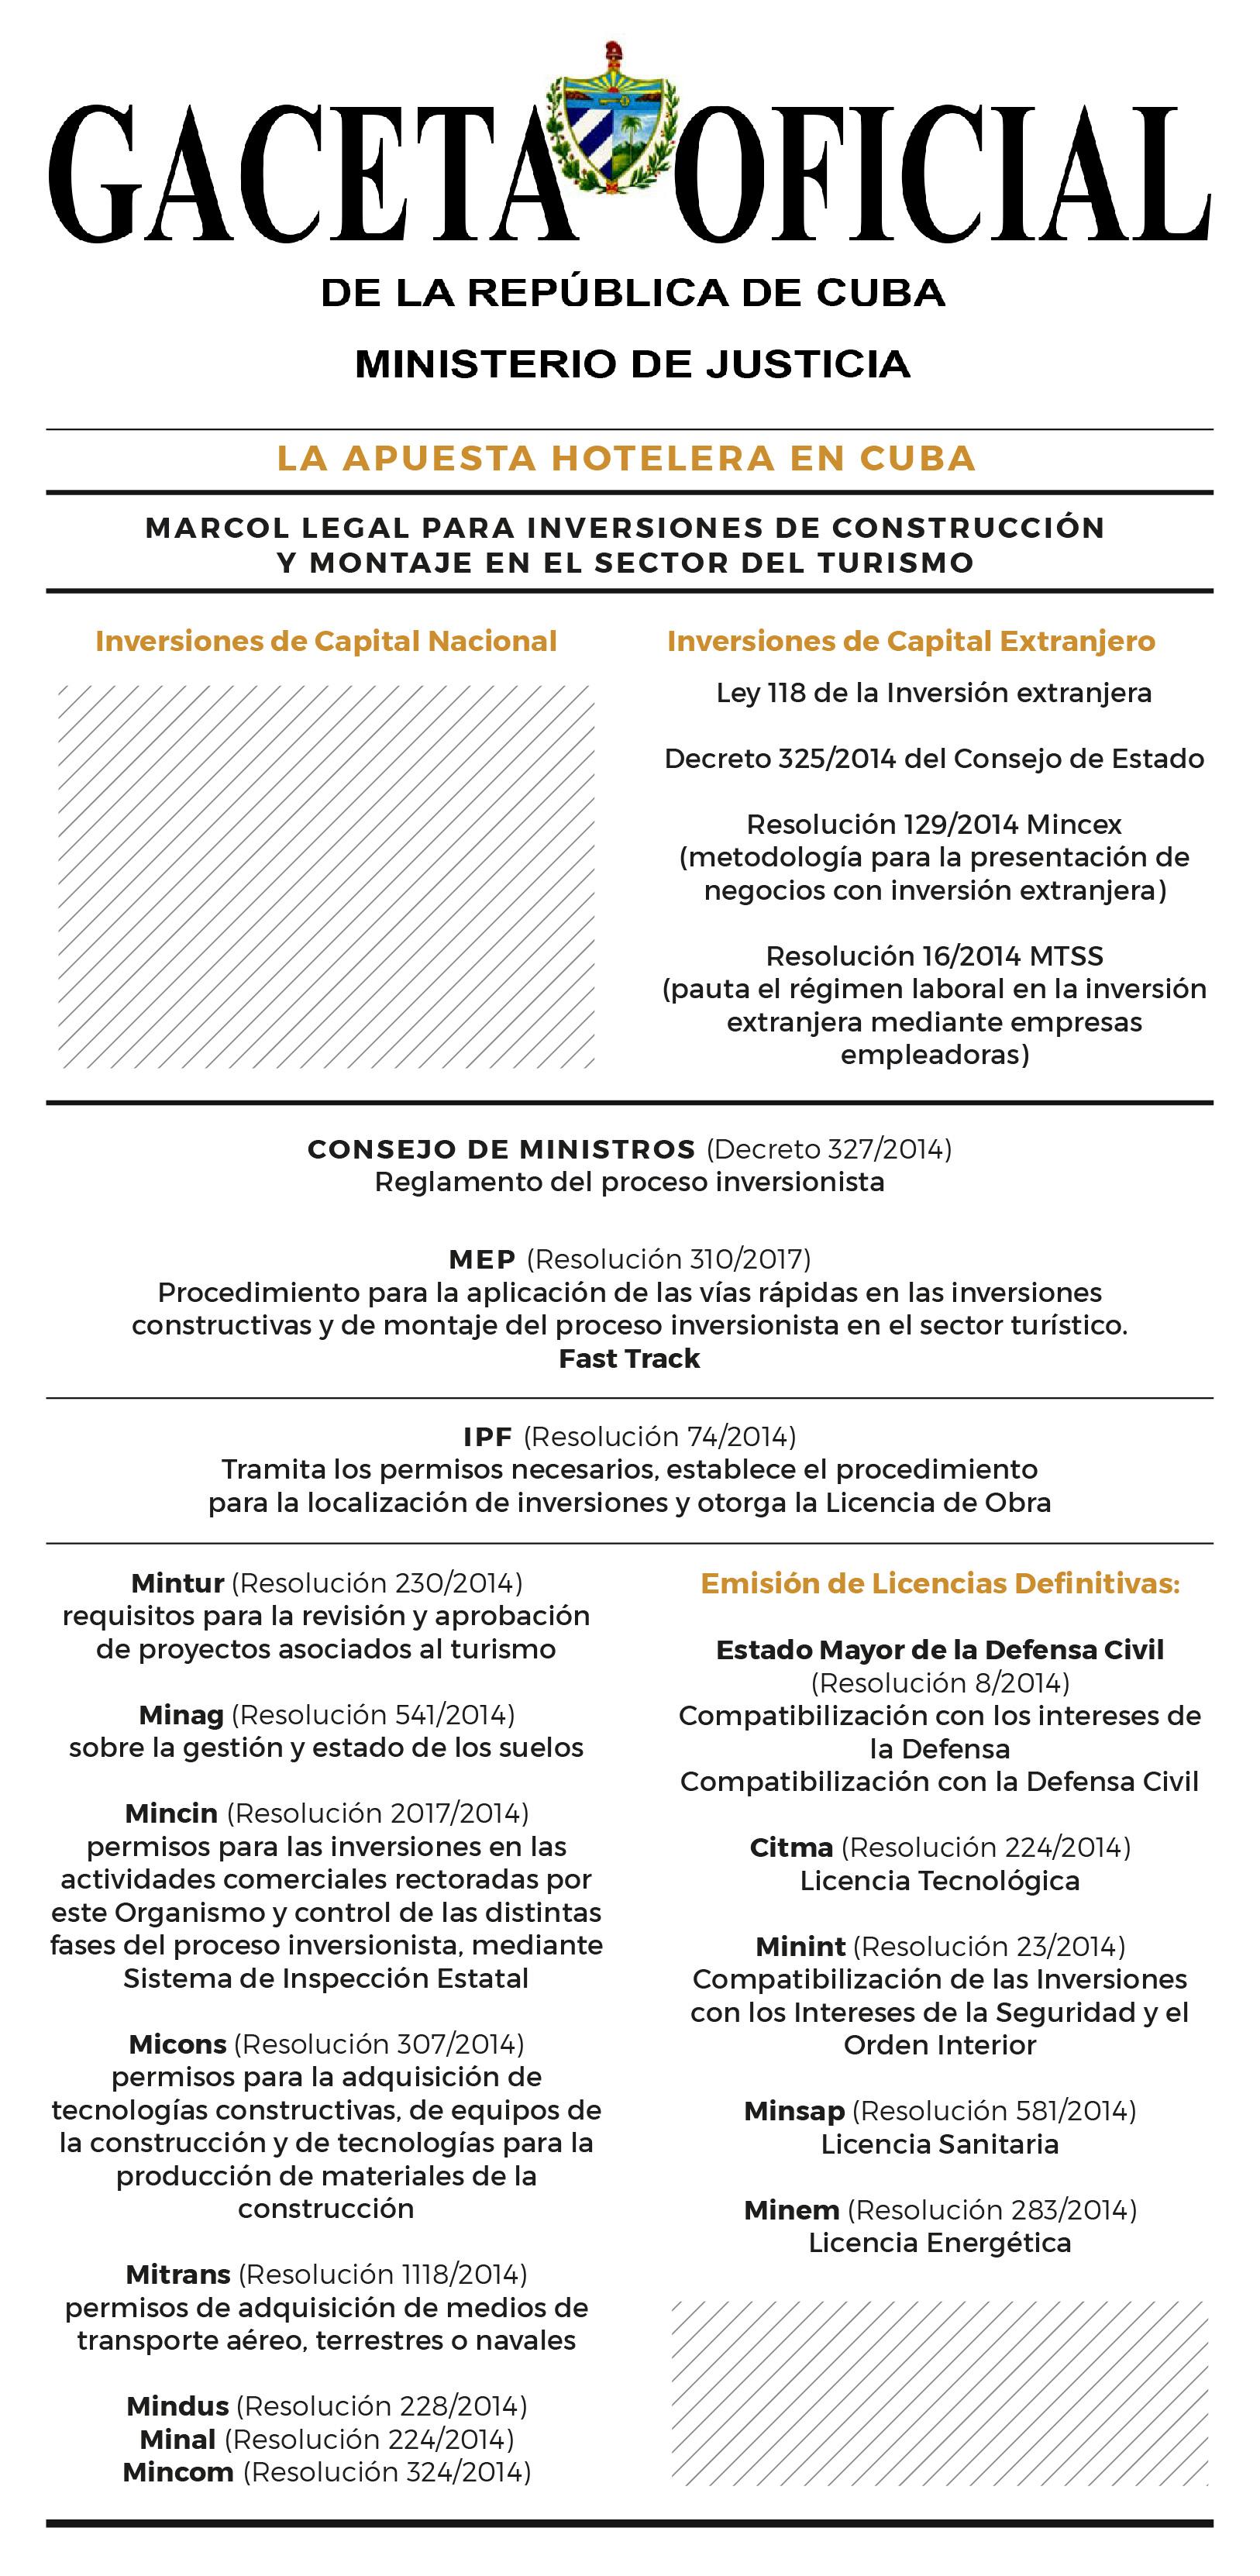 """Con el respaldo del Consejo de Ministros y el MEP, los caminos de las inversiones constructivas –extranjeras y nacionales, respectivamente- se unen. A partir de 2017 el sector del turismo cuenta con un mecanismo exclusivo para garantizar una vía rápida en sus inversiones constructivas, laResolución 310/2017 del MEP, encargada de """"simplificar"""" elProcedimiento para la aplicación de las vías rápidas en las inversiones constructivas y de montaje del proceso de inversionista en el sector turístico."""